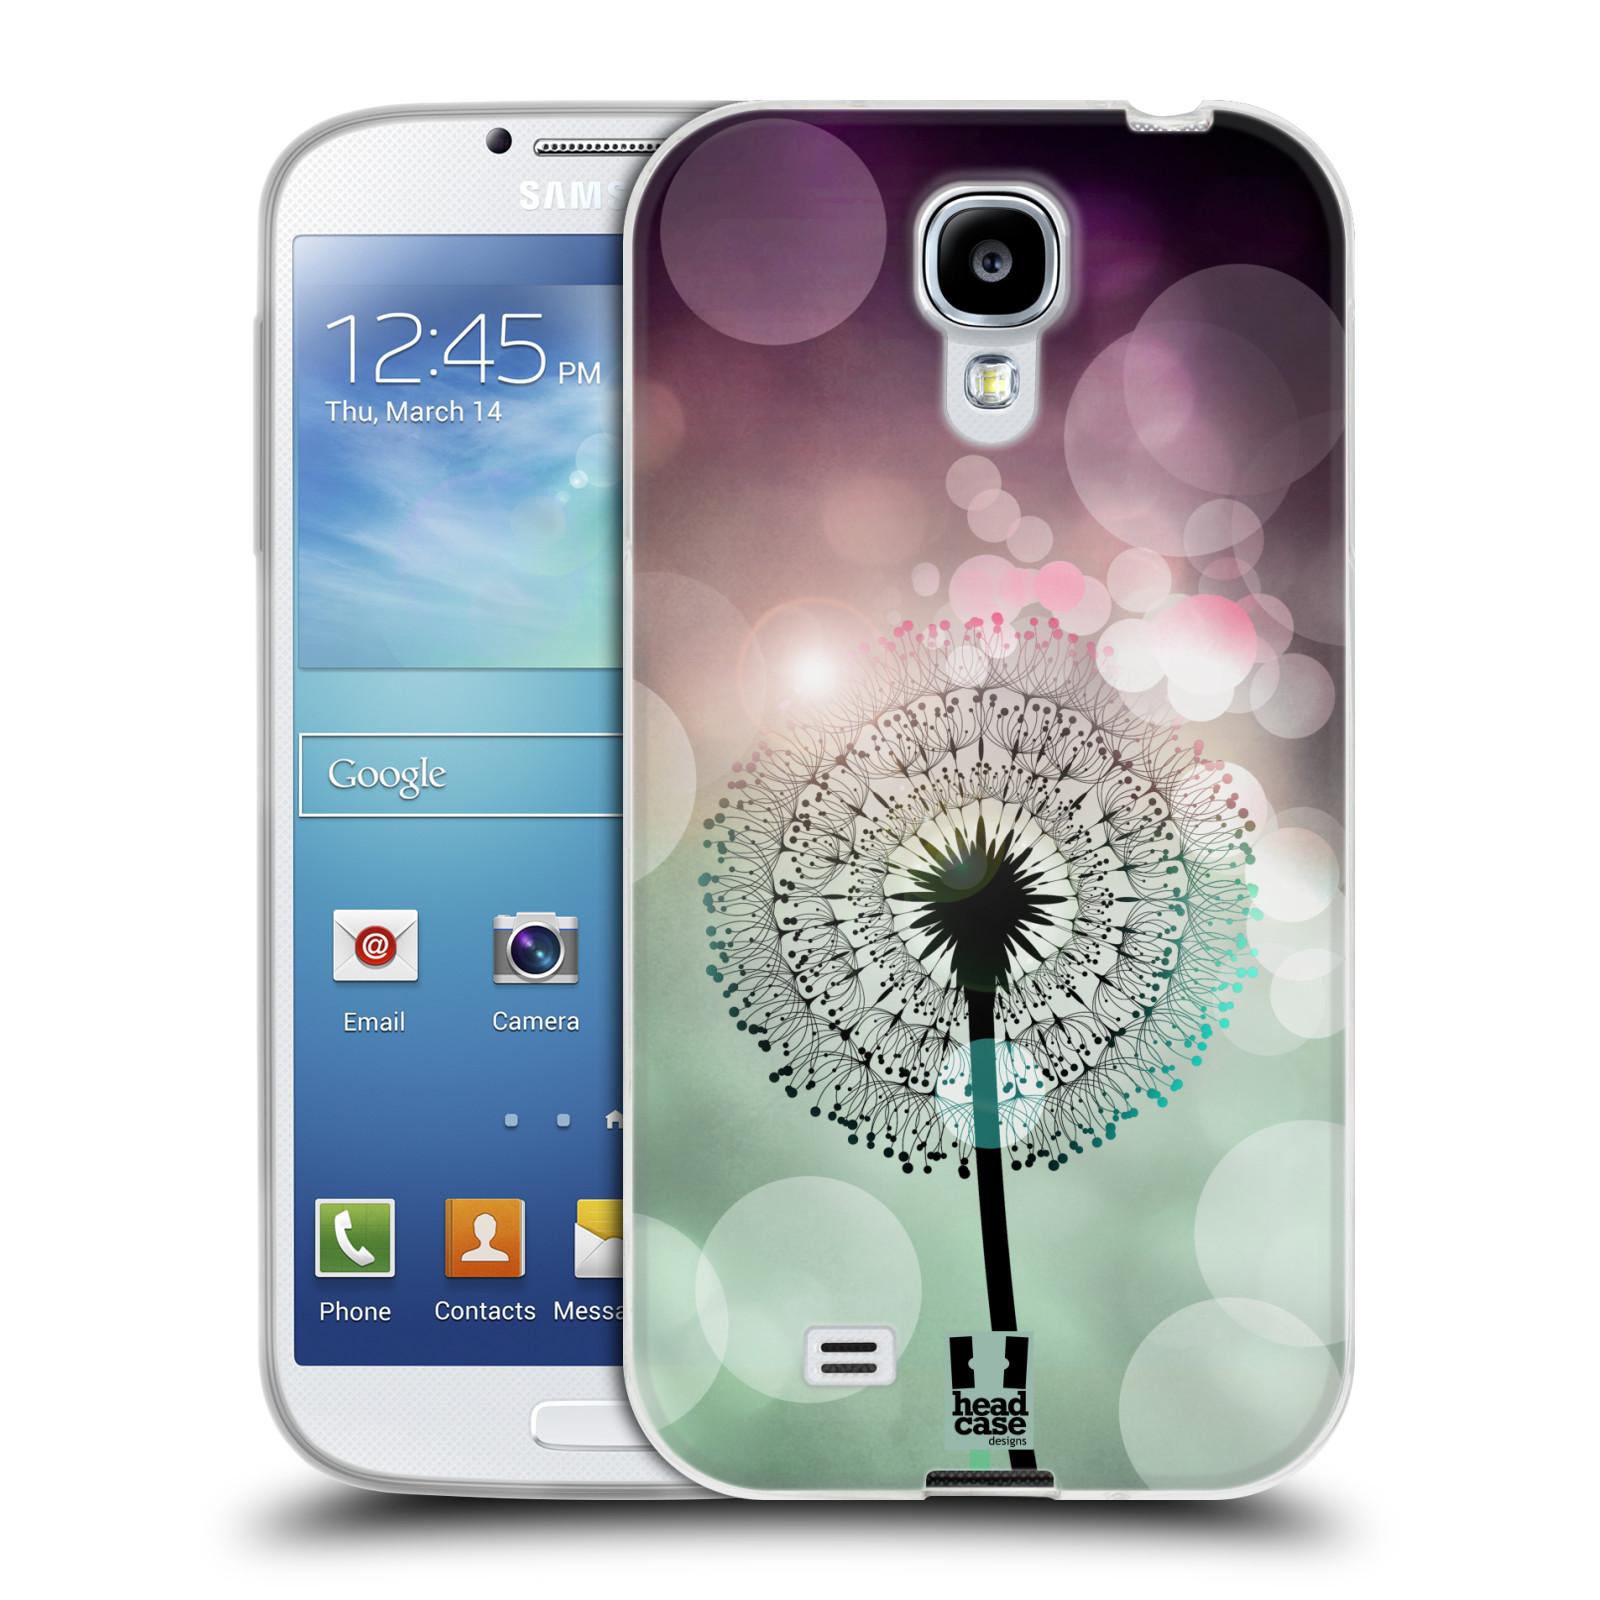 Silikonové pouzdro na mobil Samsung Galaxy S4 HEAD CASE Pampeliškové odlesky (Silikonový kryt či obal na mobilní telefon Samsung Galaxy S4 GT-i9505 / i9500)